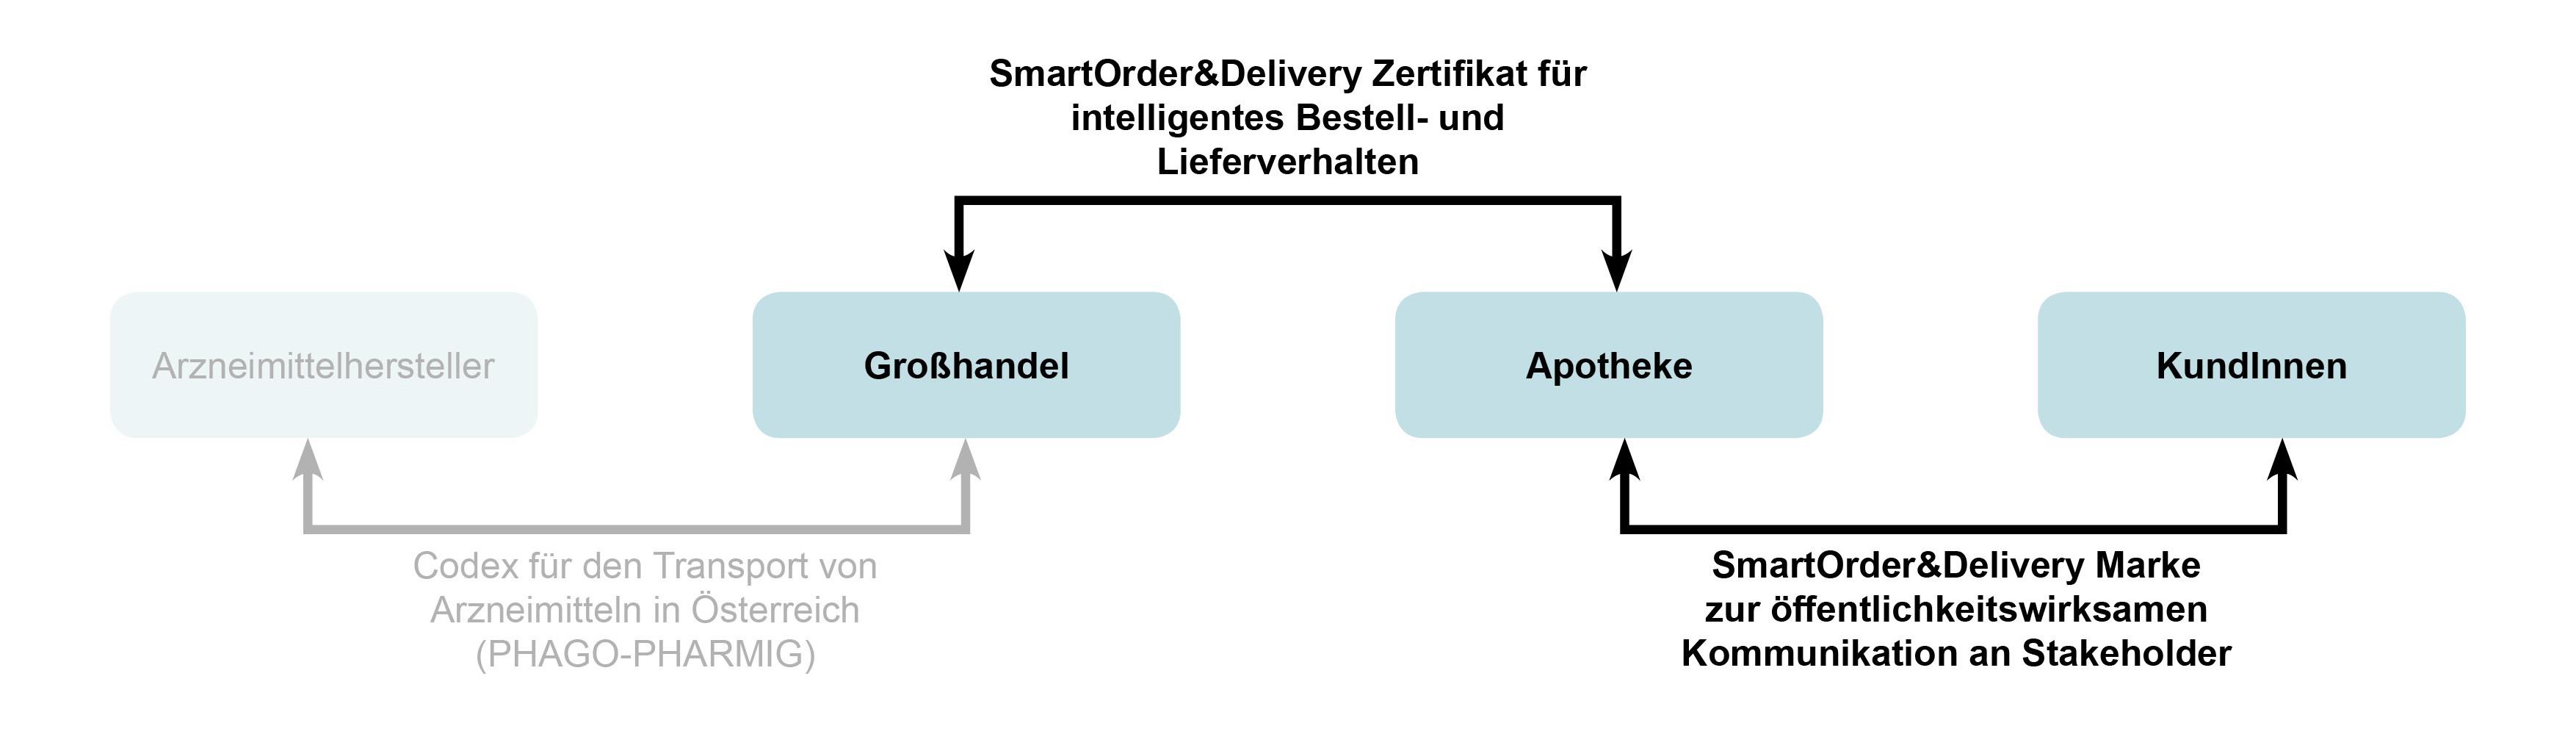 SmartOrder_Zertifikat_Marke